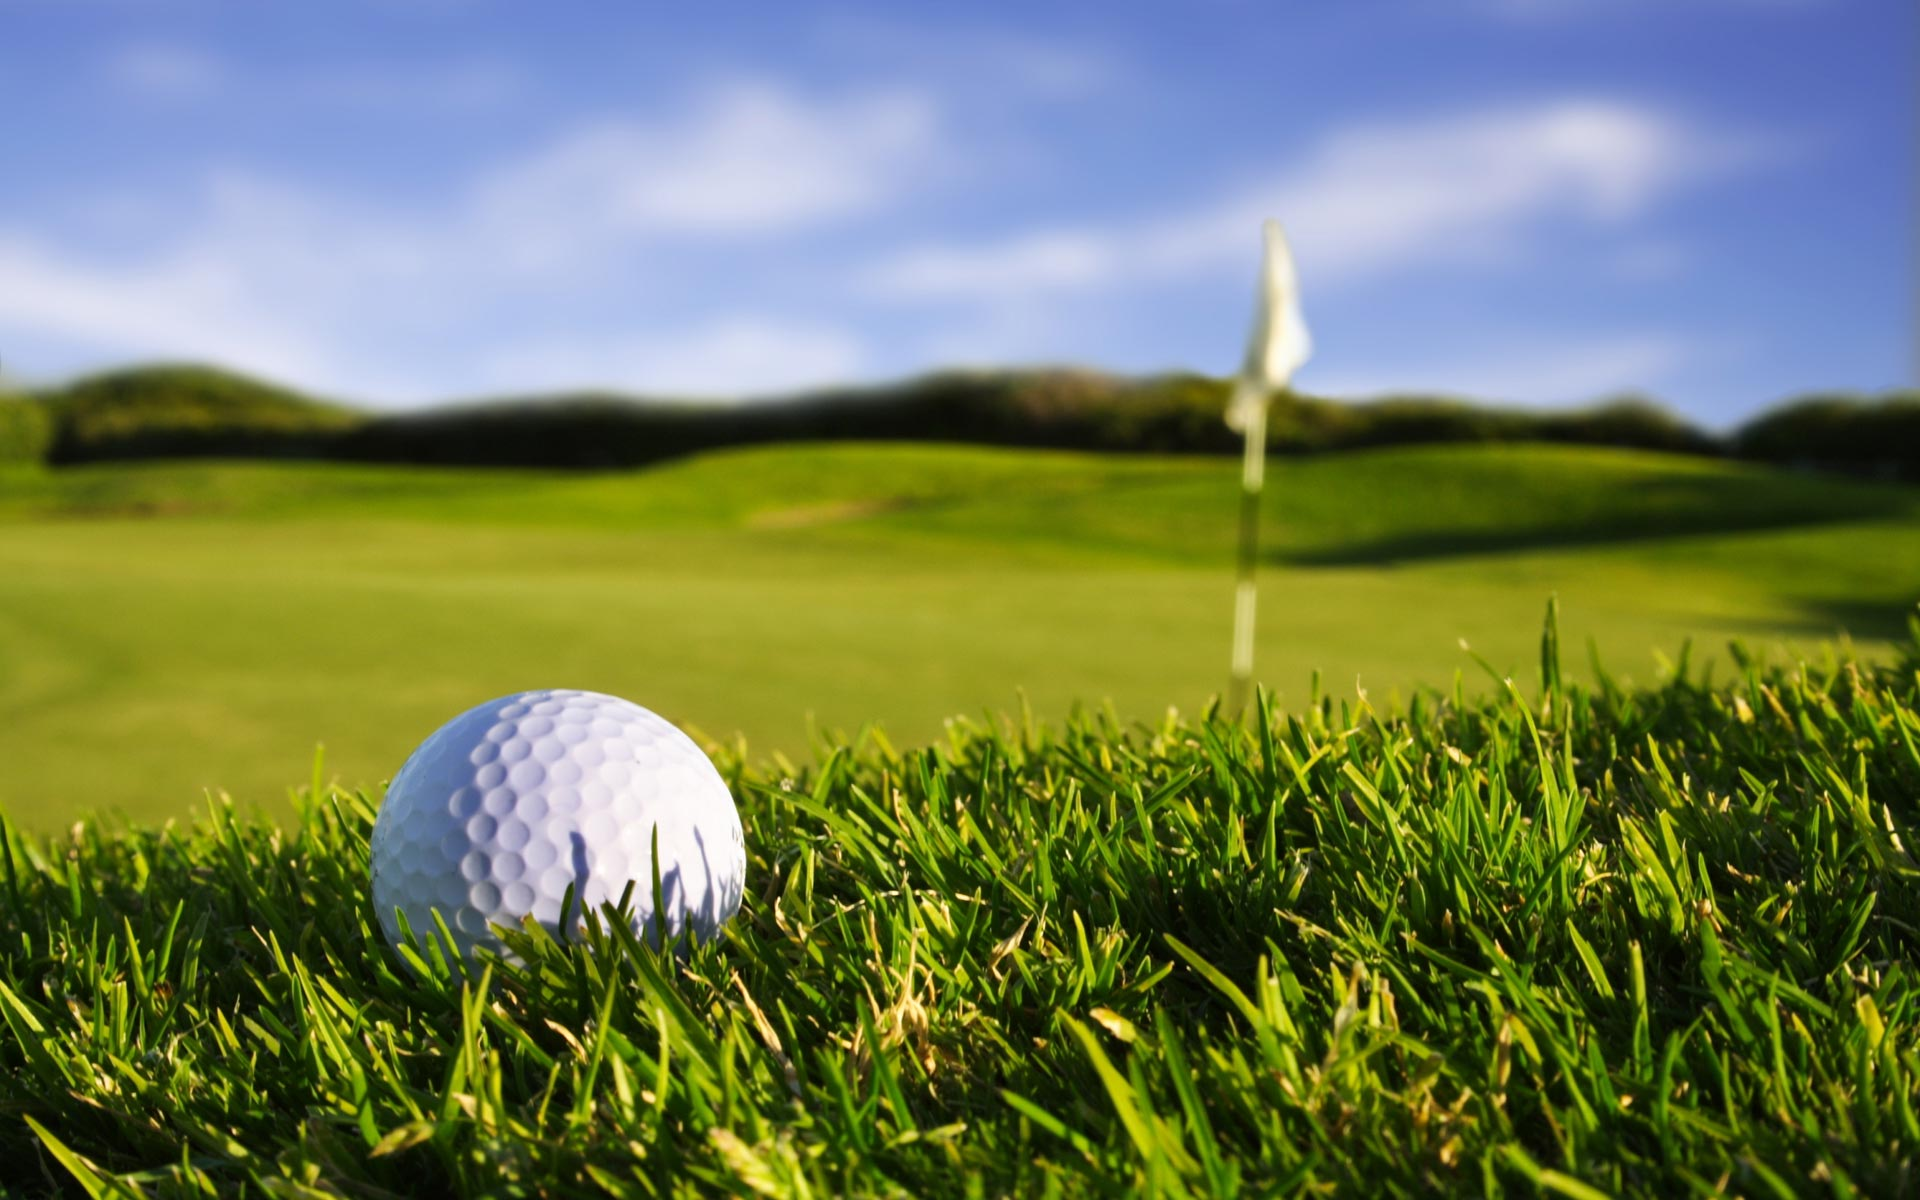 golf ground photo